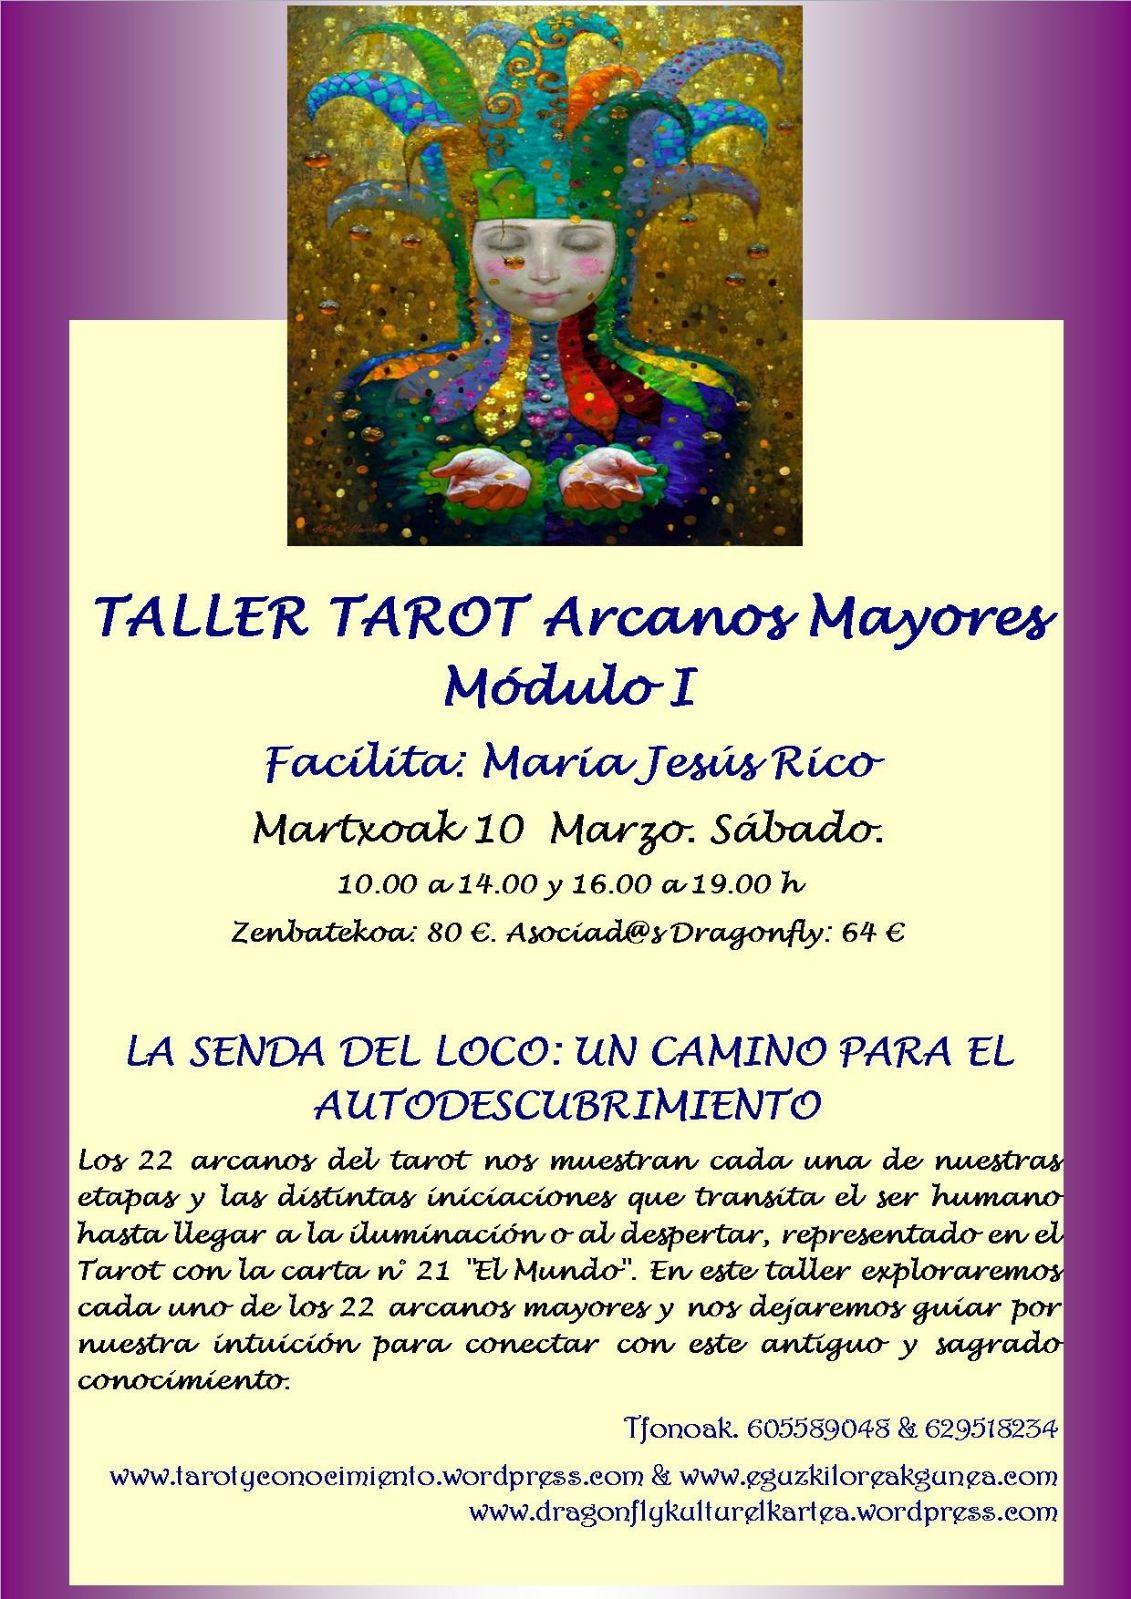 TALLER DE TAROT ARCANOS MAYORES CON MARÍA JESÚS RICO EL SÁBADO 10 DE MARZO